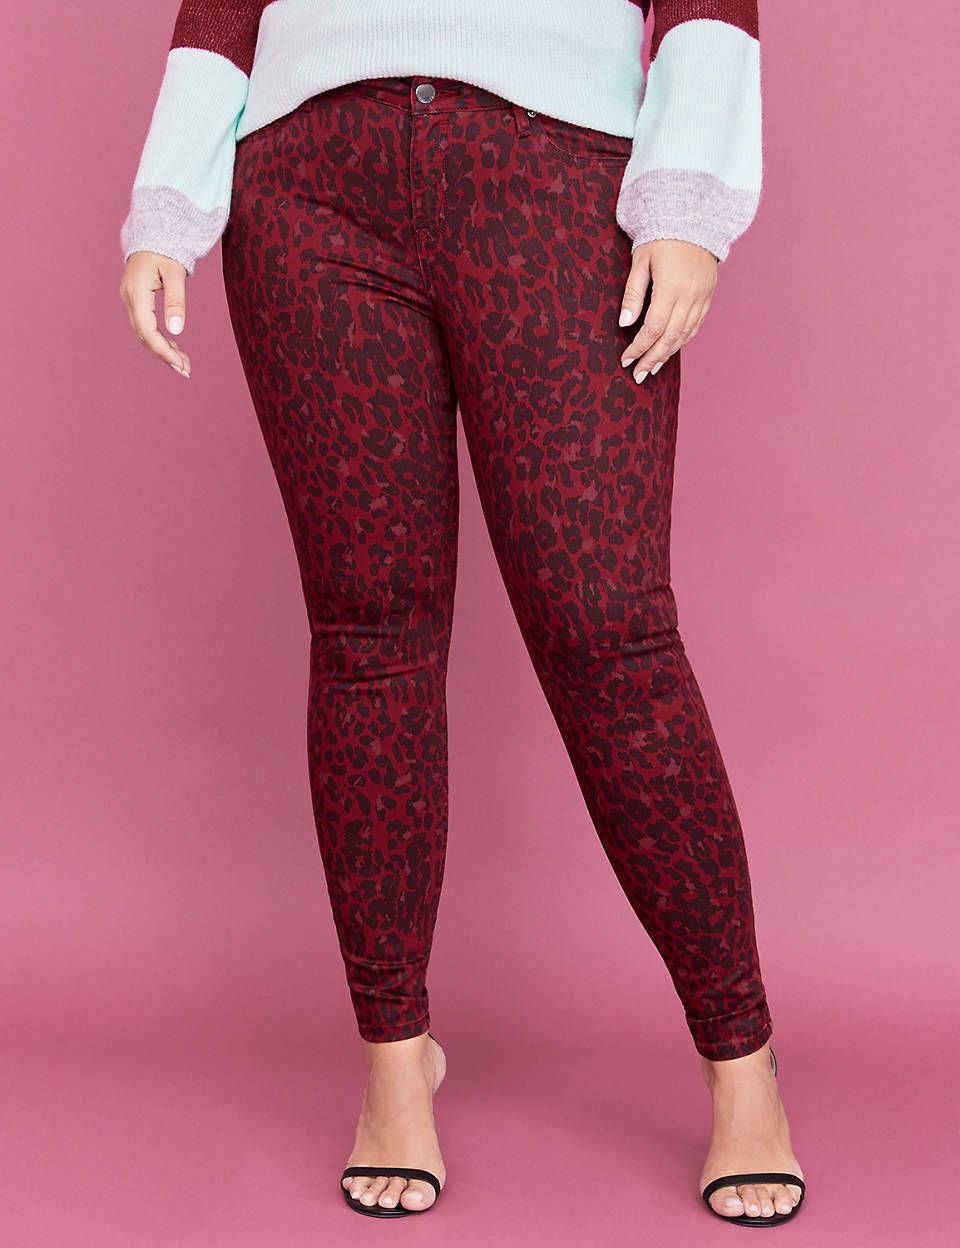 b5a76e76596c6 Super Stretch Skinny Jean - Red Leopard Print   Lane Bryant ...